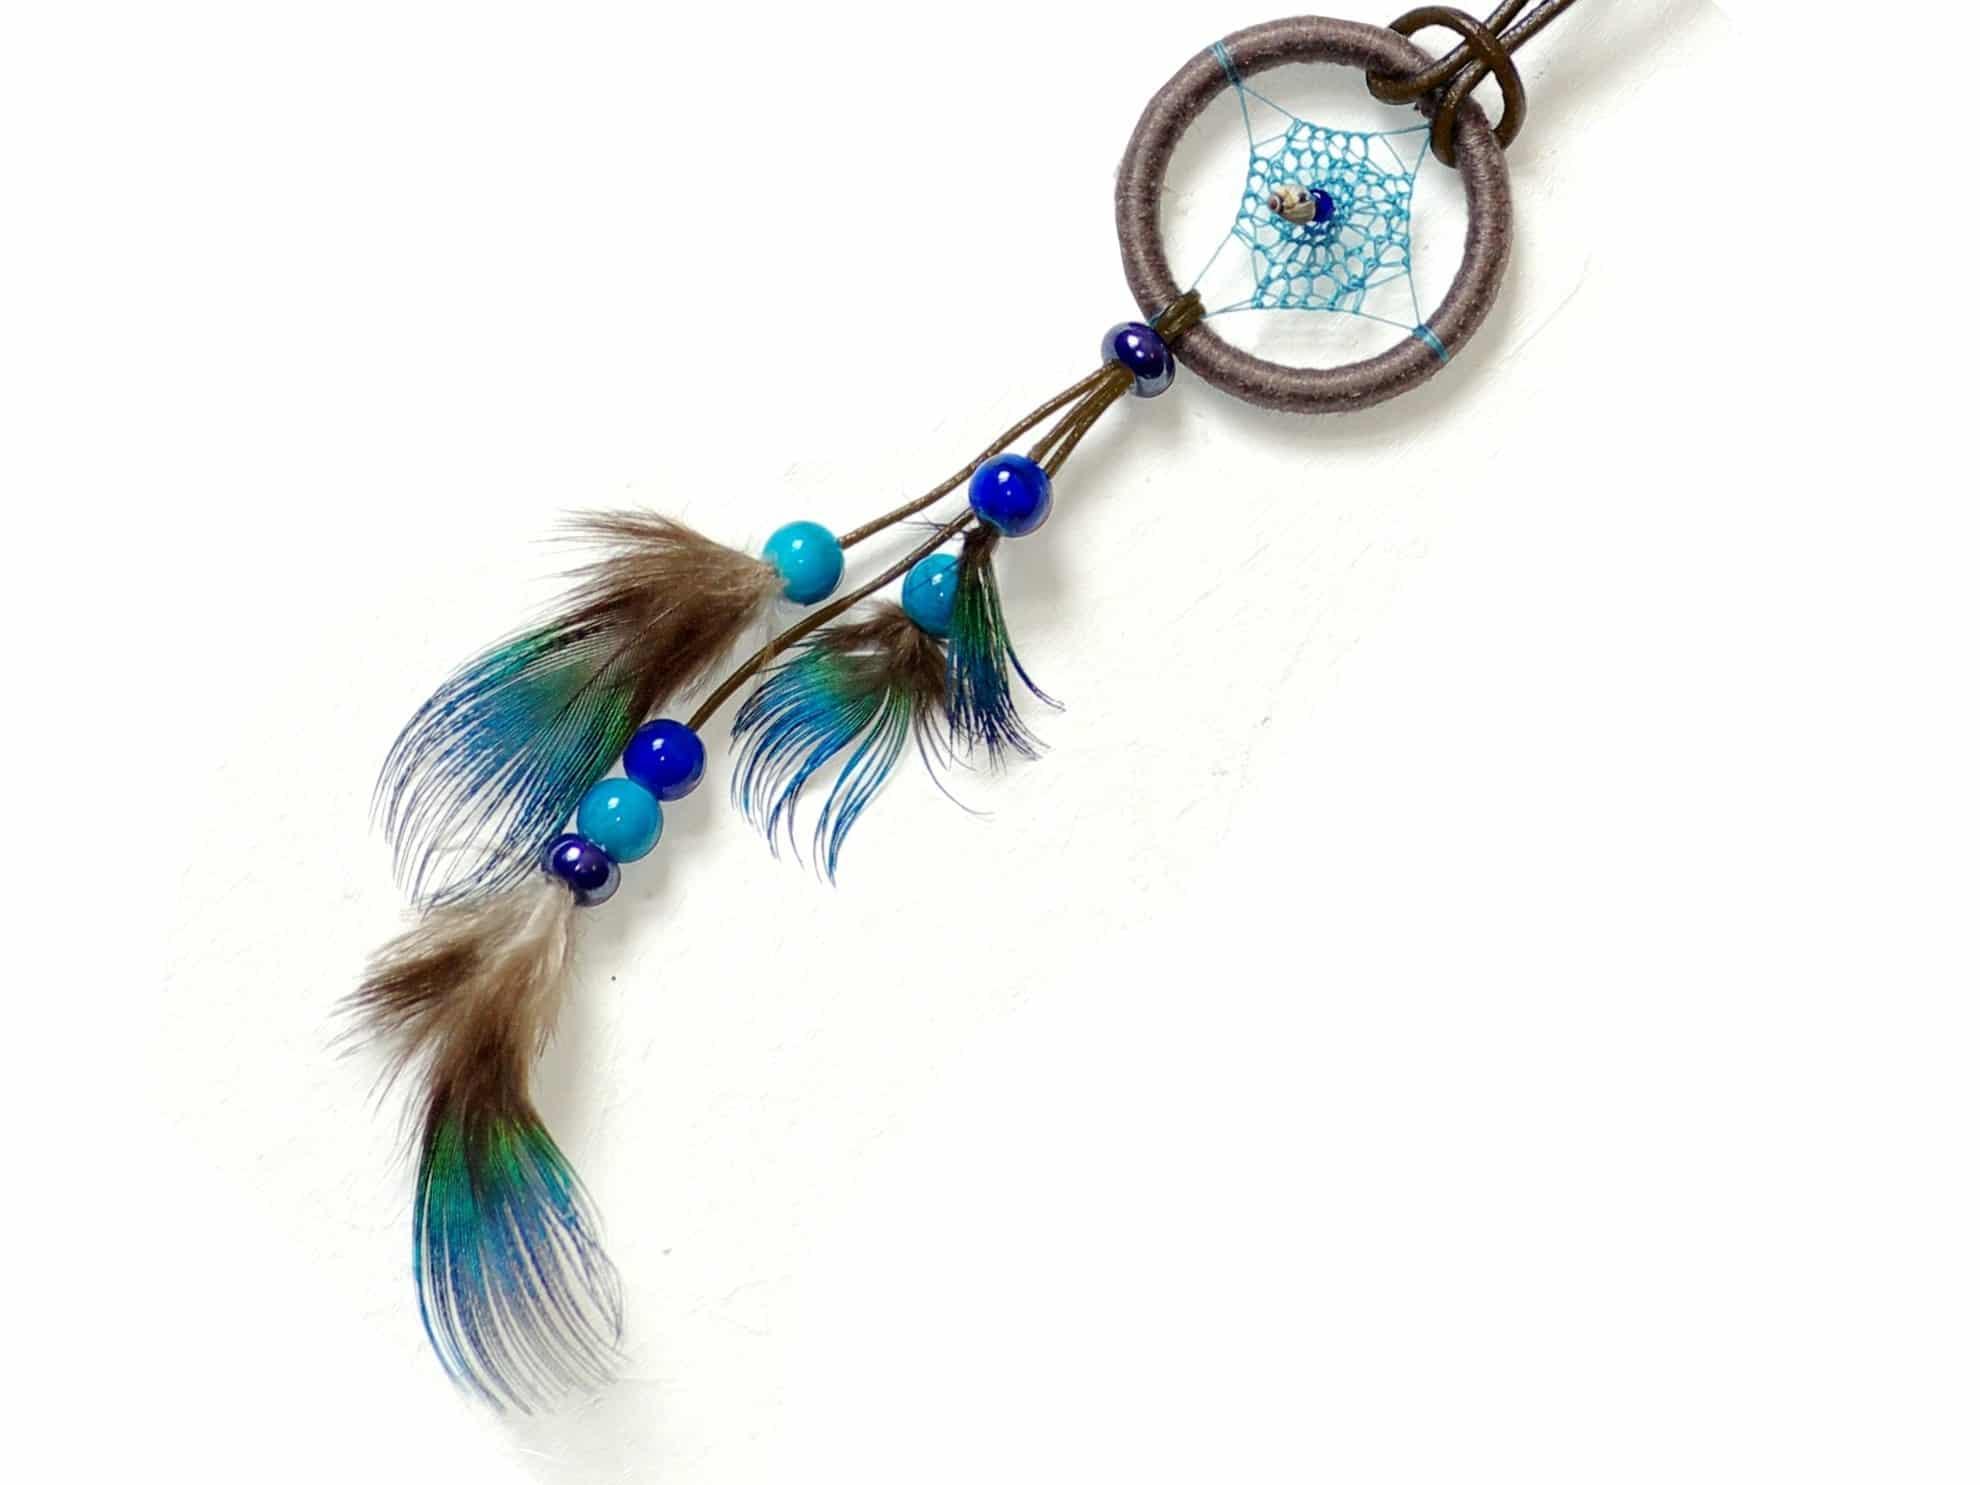 sautoir dreamcatcher marron avec une grappe de plumes bleu vert ébouriffées et des perles de verre bleues, la toile est finement crochetée avec un fil bleu